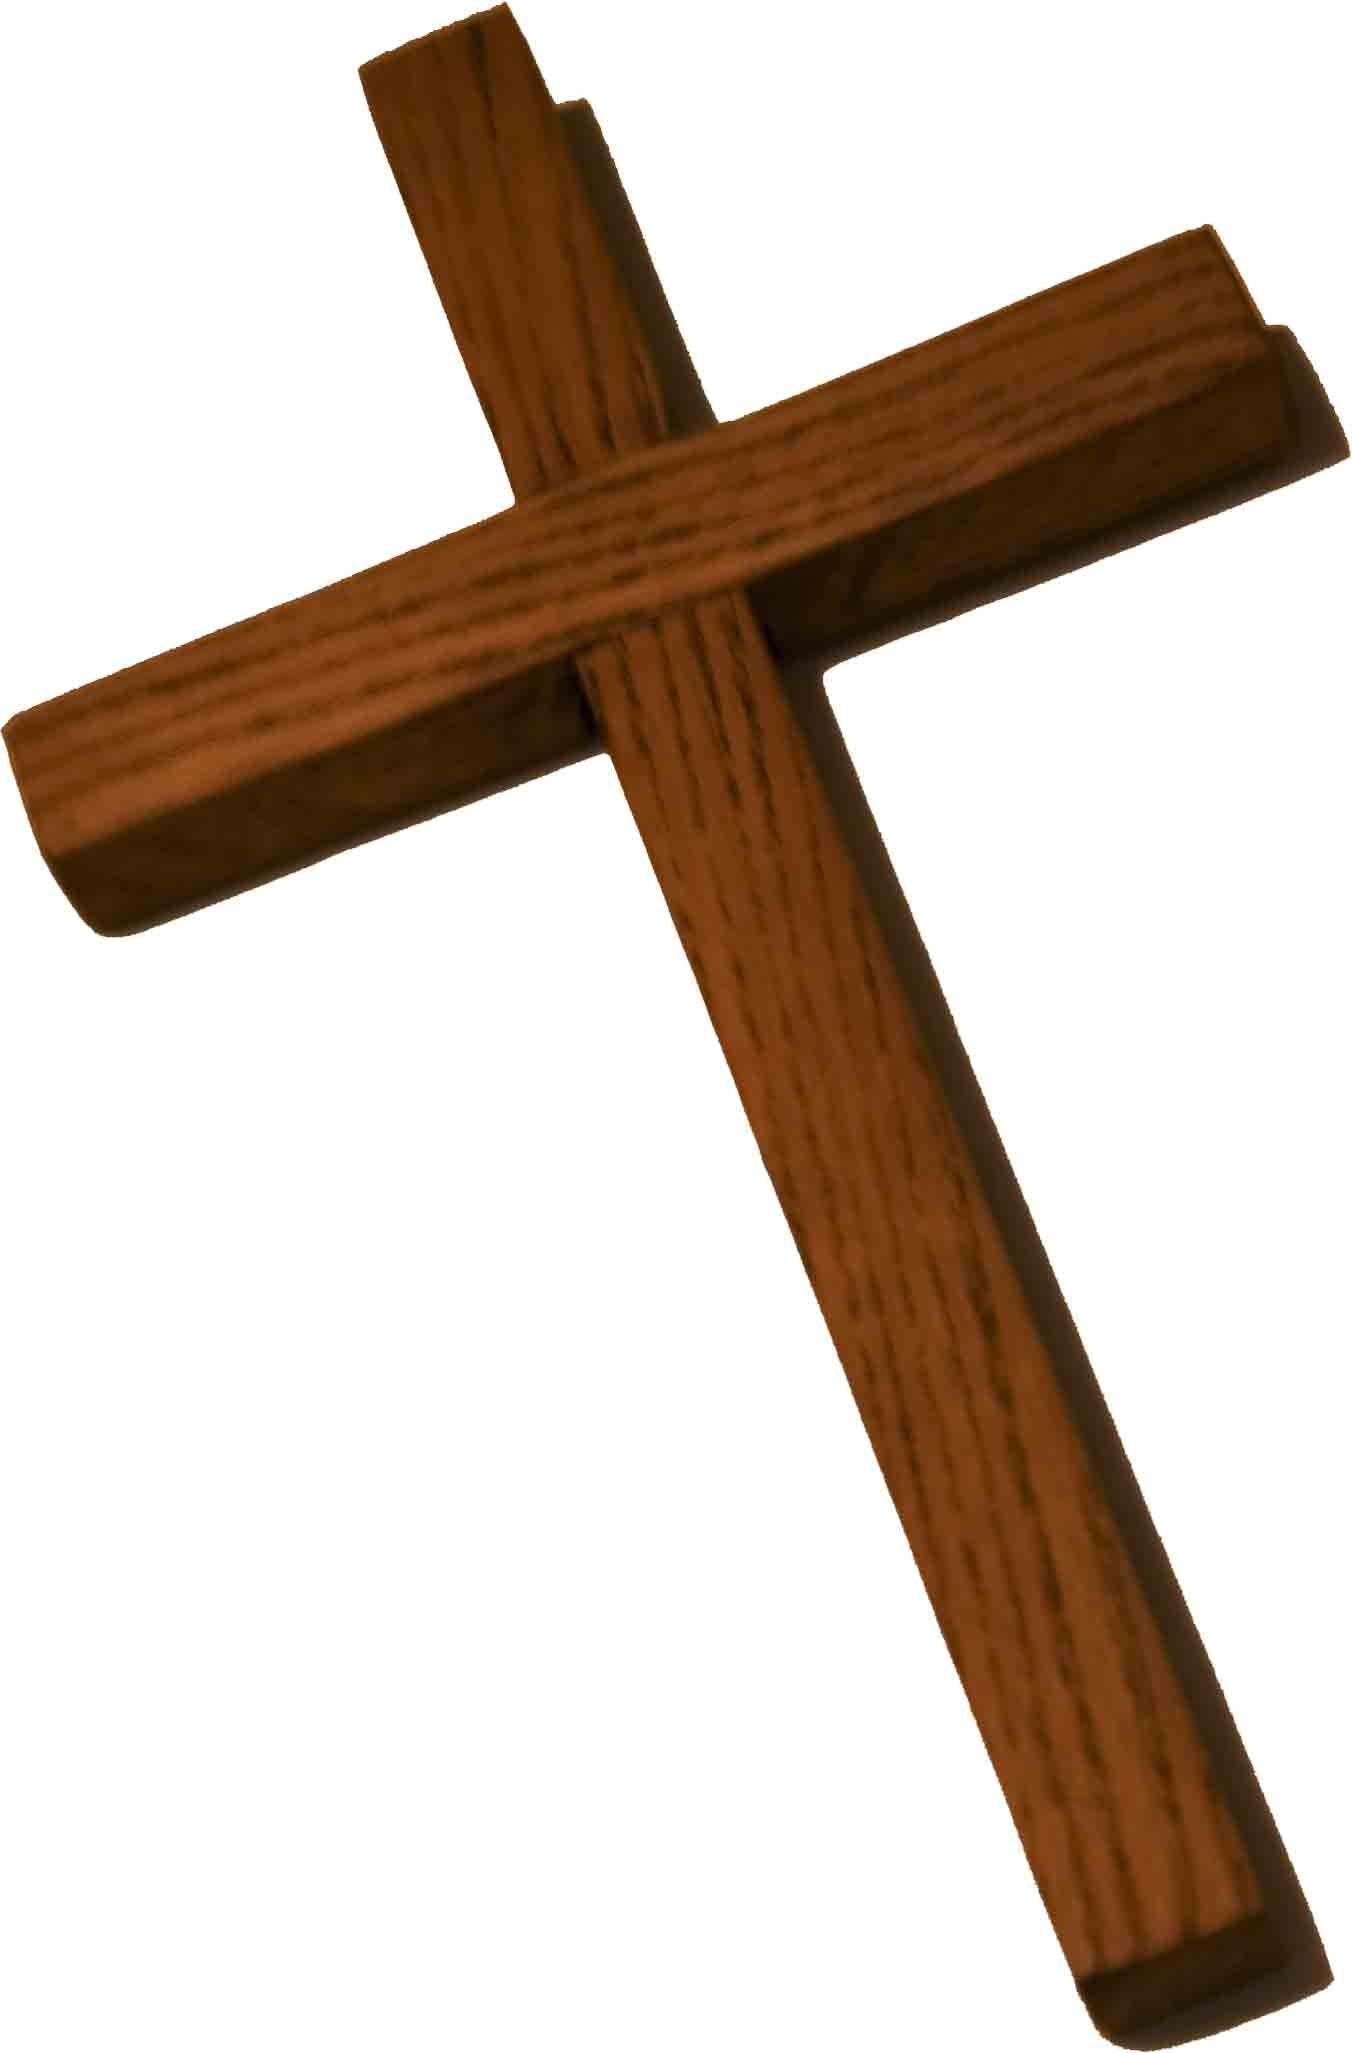 1352x2053 Wooden Cross Clip Art Clipart Panda